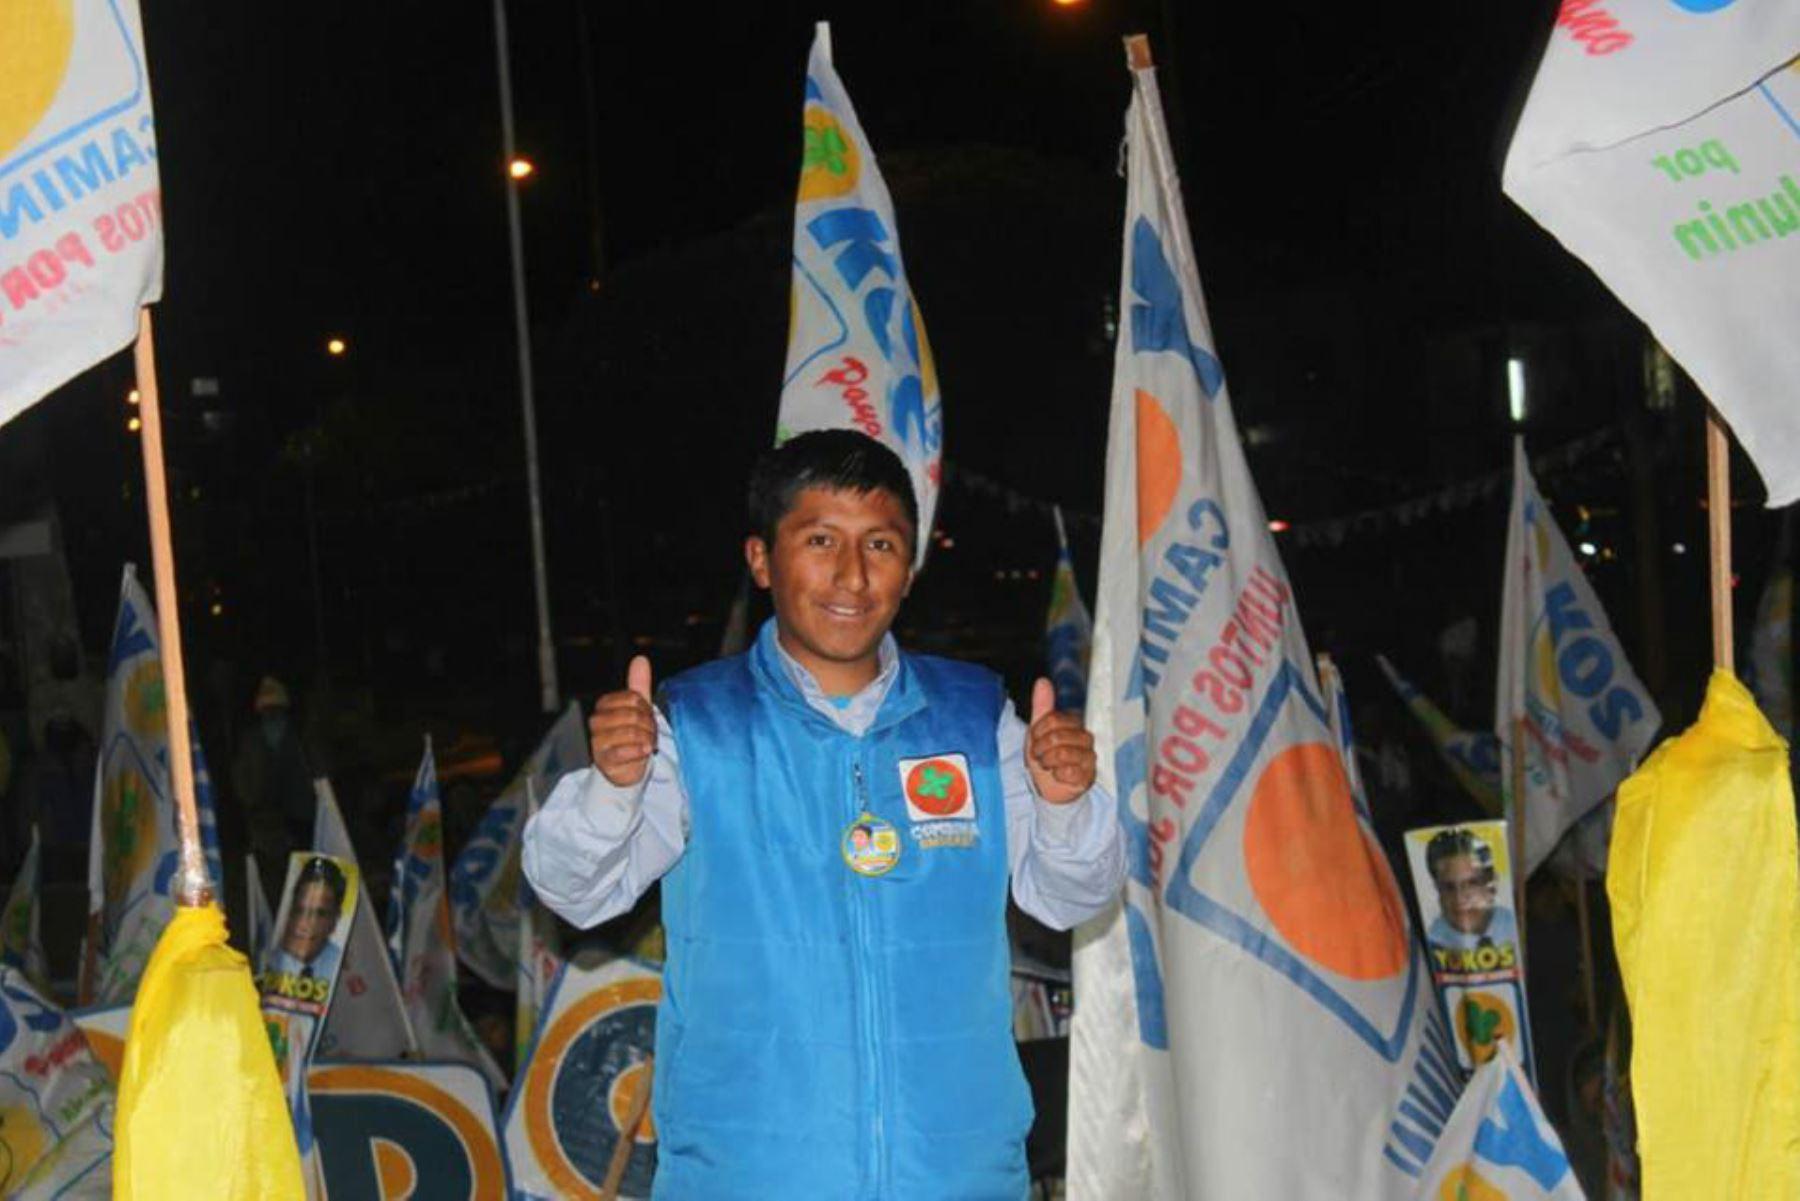 Fernando André Yachachín Zevallos pasó de ser un humilde portero de colegio a alcalde del distrito de Ondores, en Junín. Foto: Fernando Yachachín/Facebook